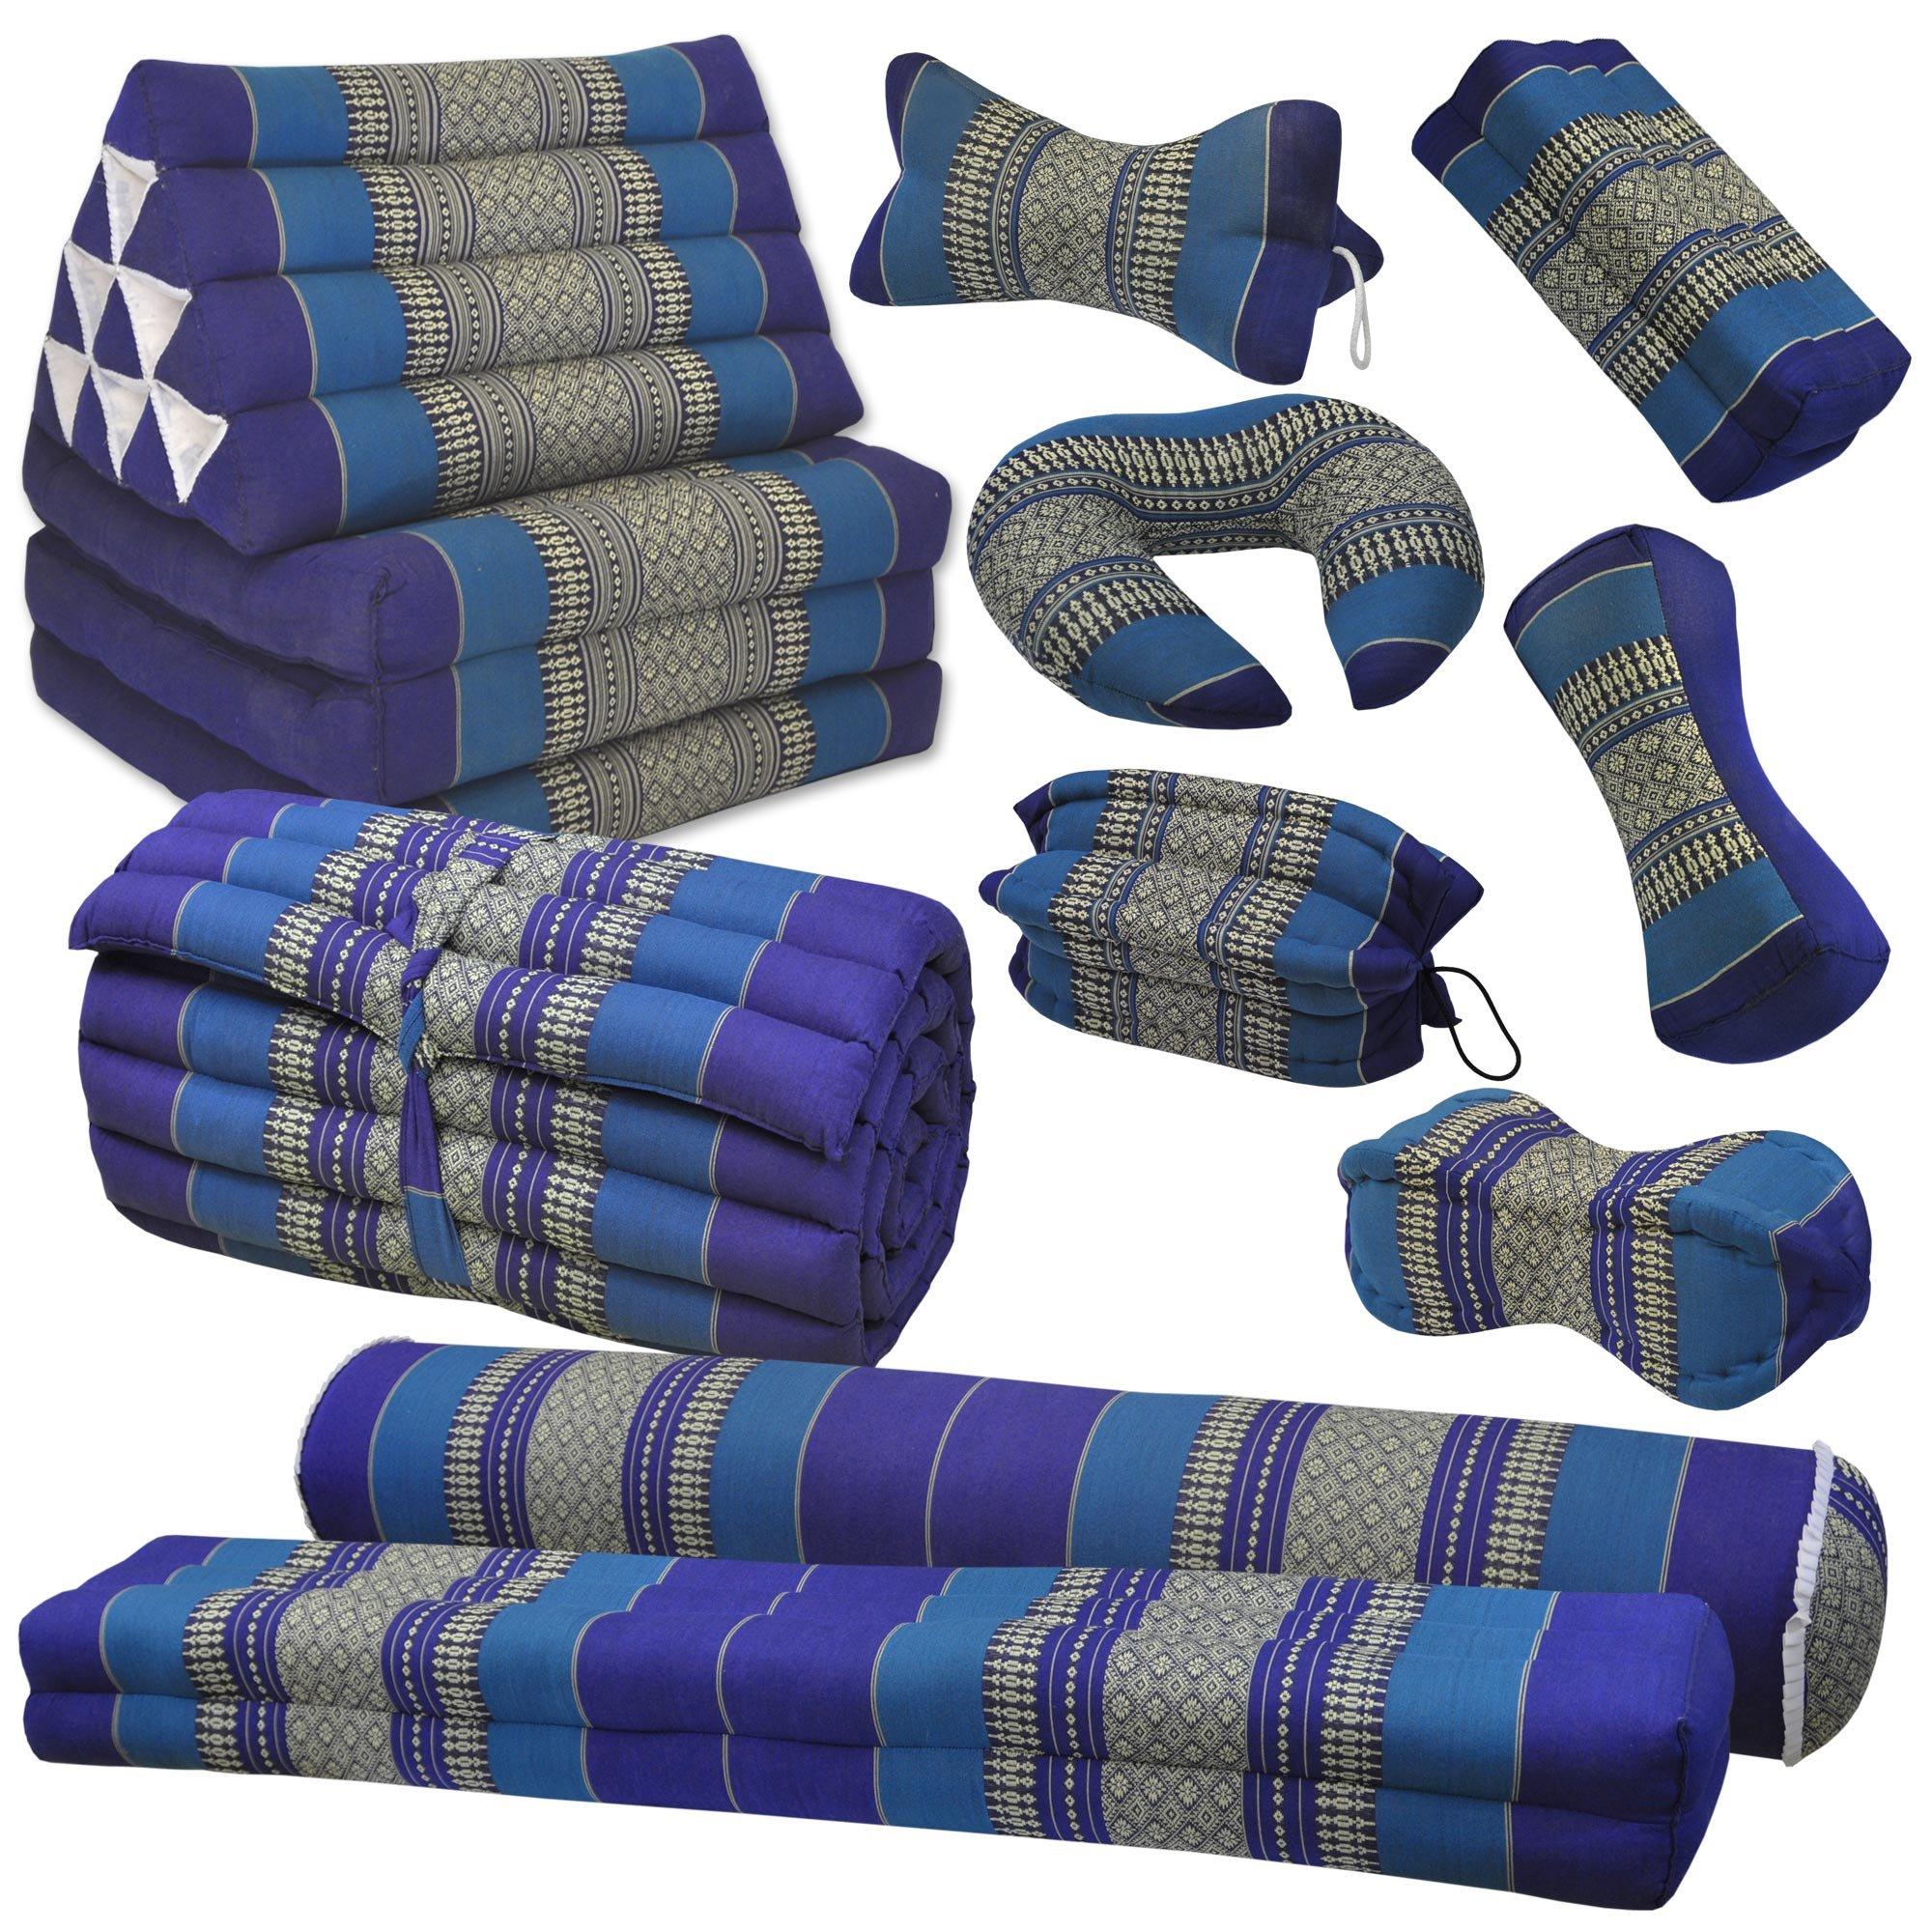 Thai triangular cushion, blue, relaxation, beach, kapok, made in Thailand. (82200)